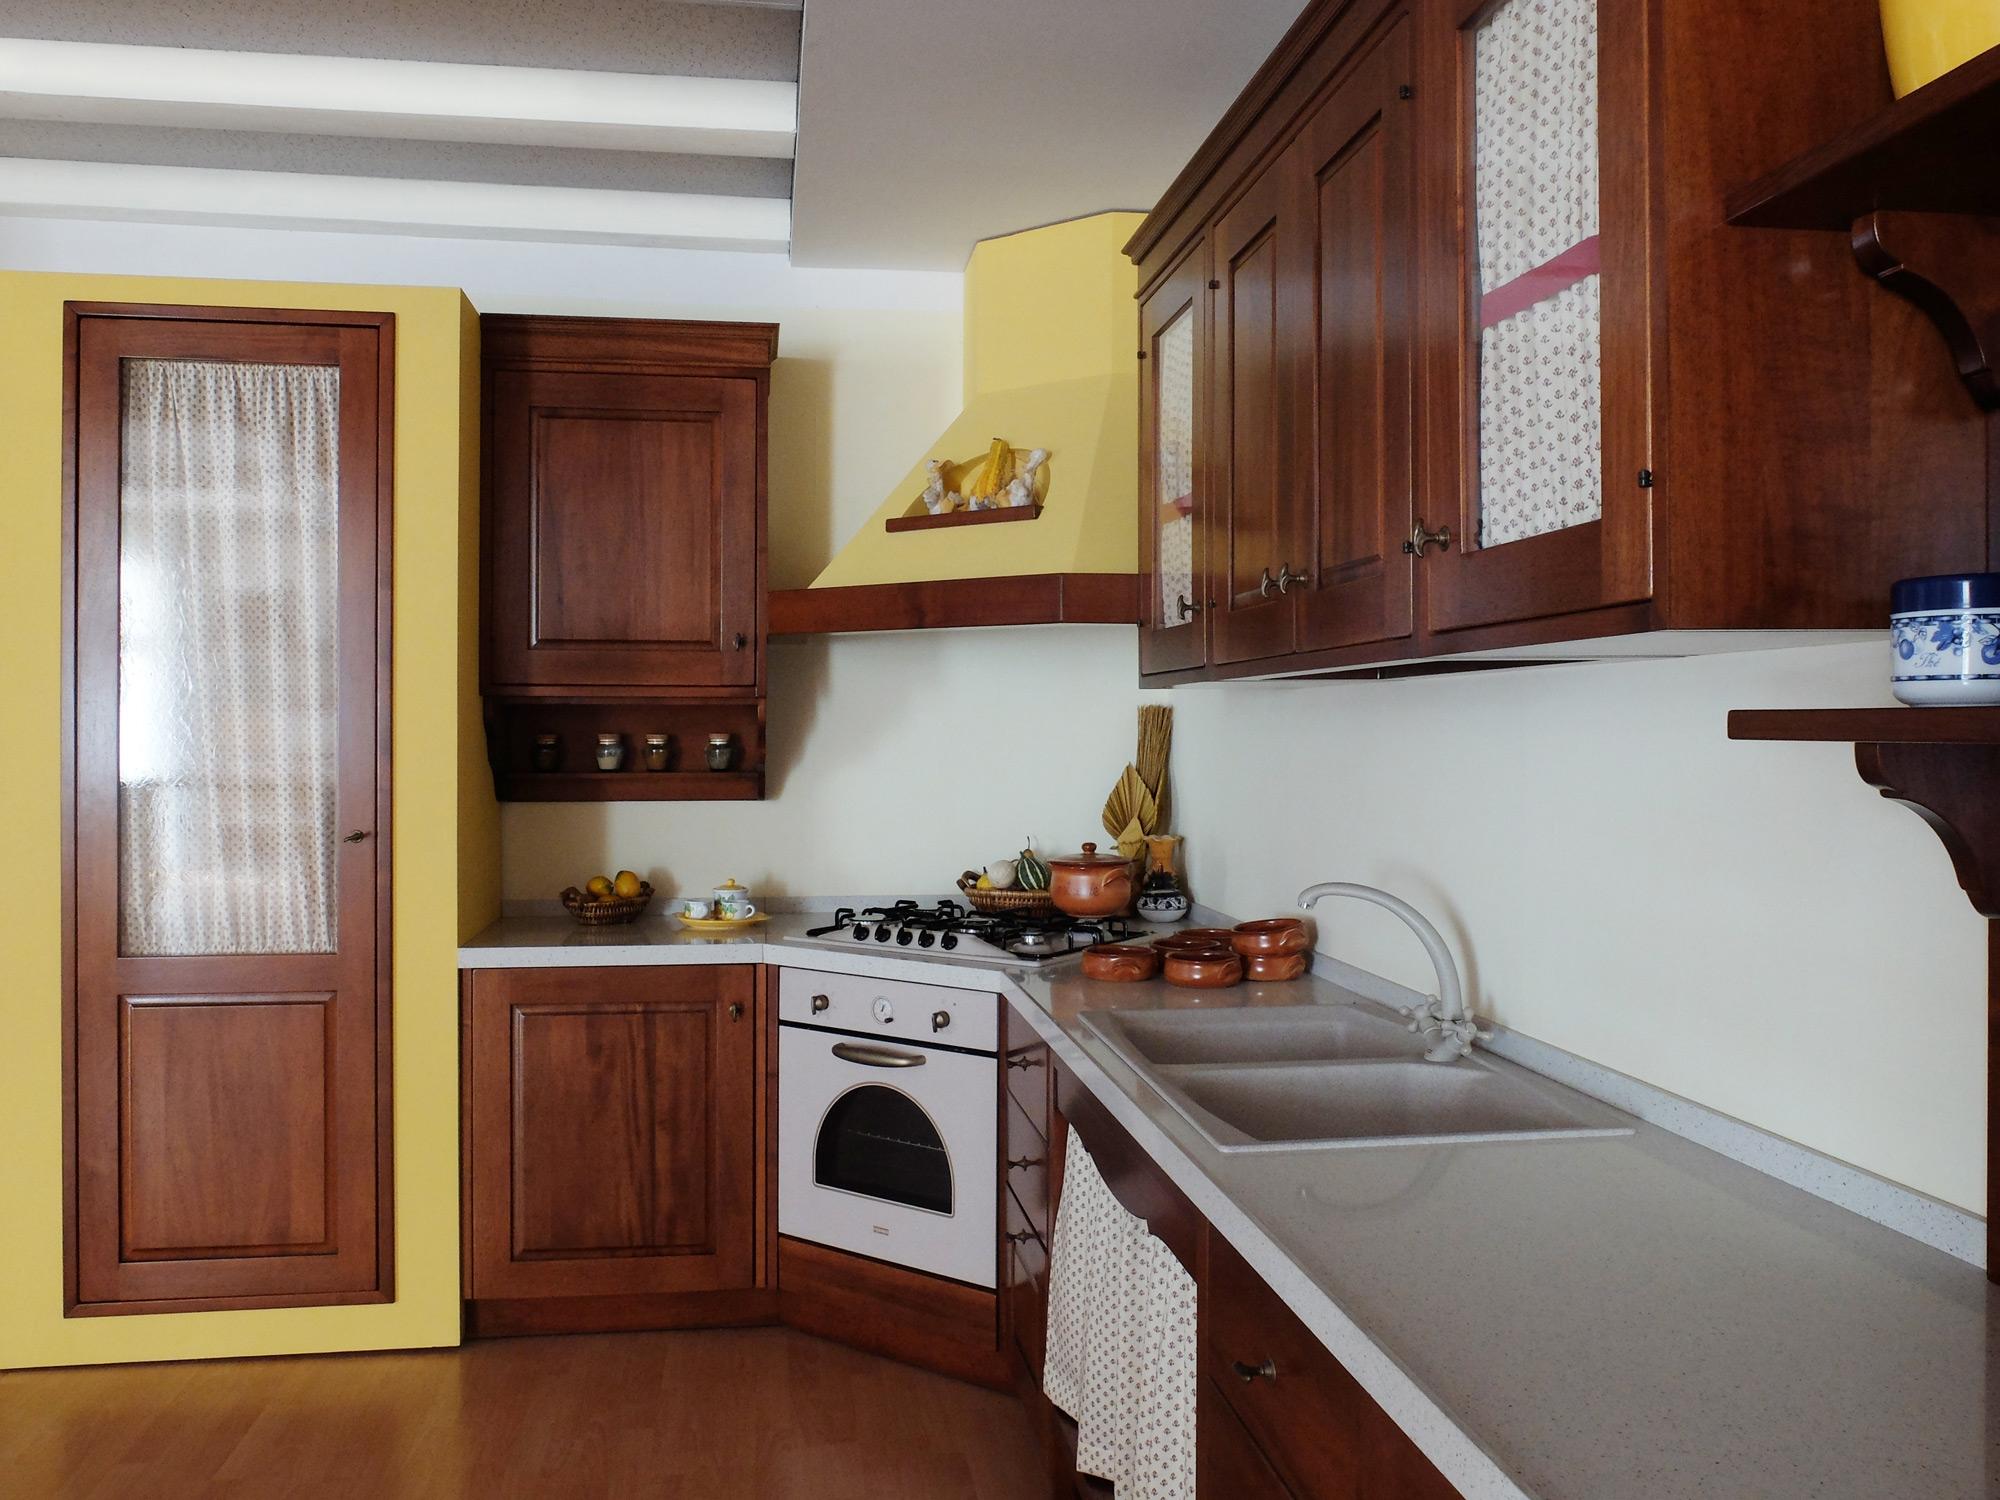 Top Per Cucine Componibili. Excellent Cucina Arredo Modello Onda ...